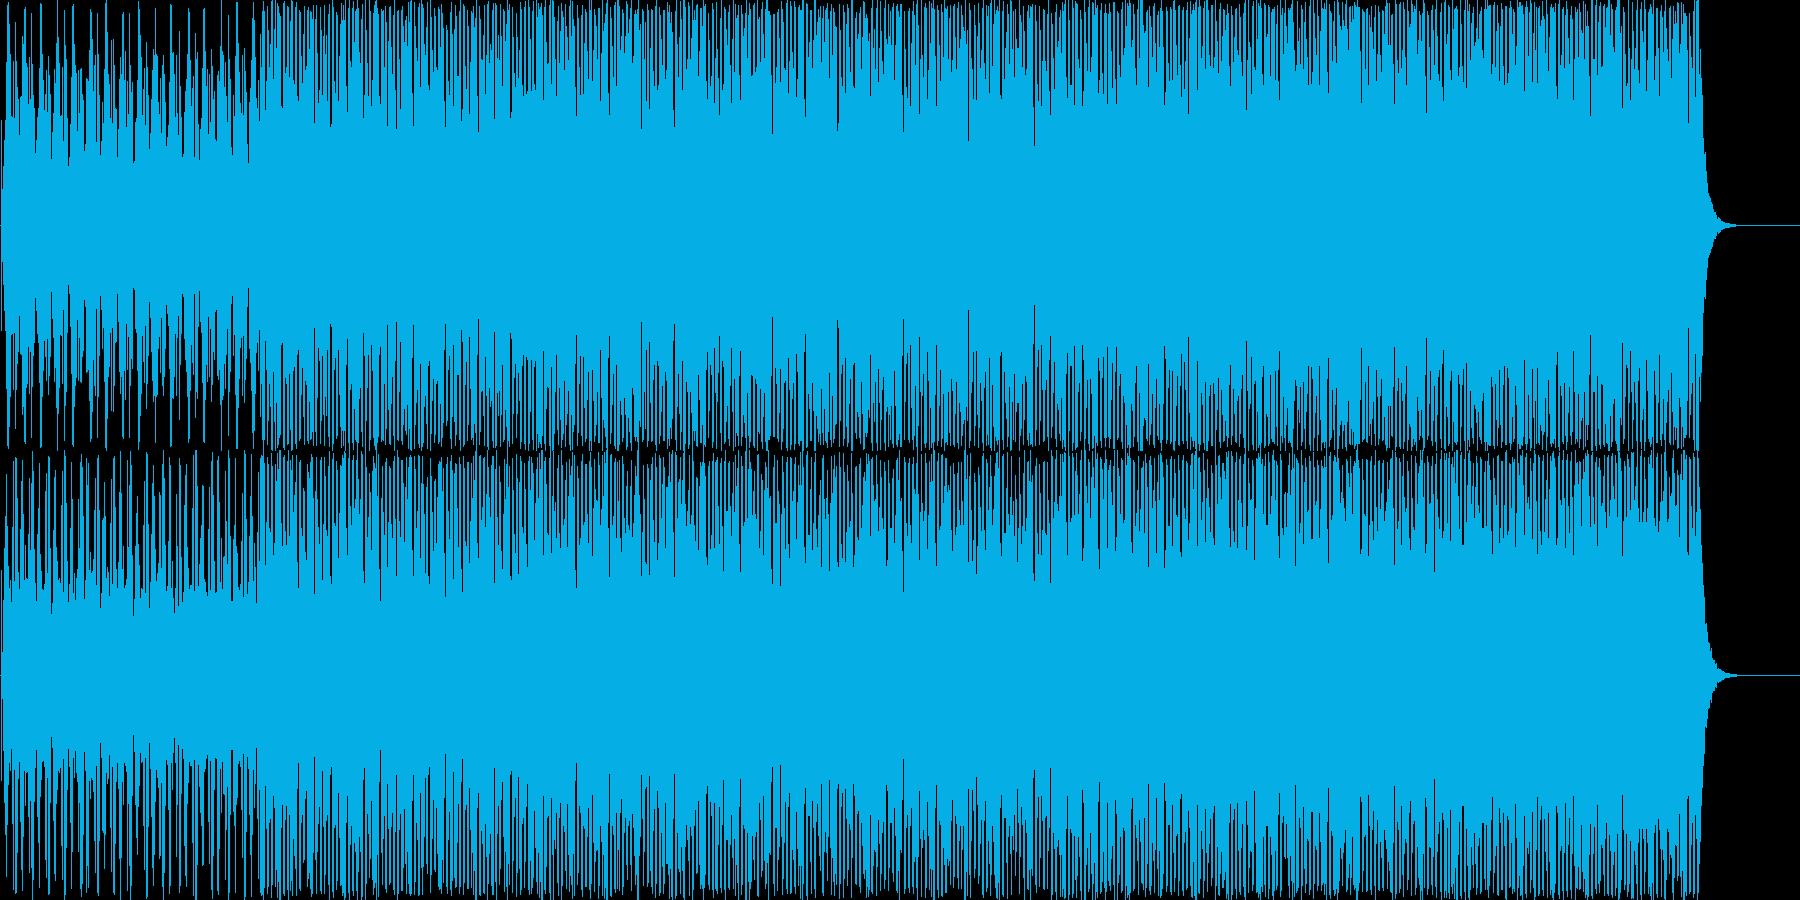 チルアウト系BGMの再生済みの波形